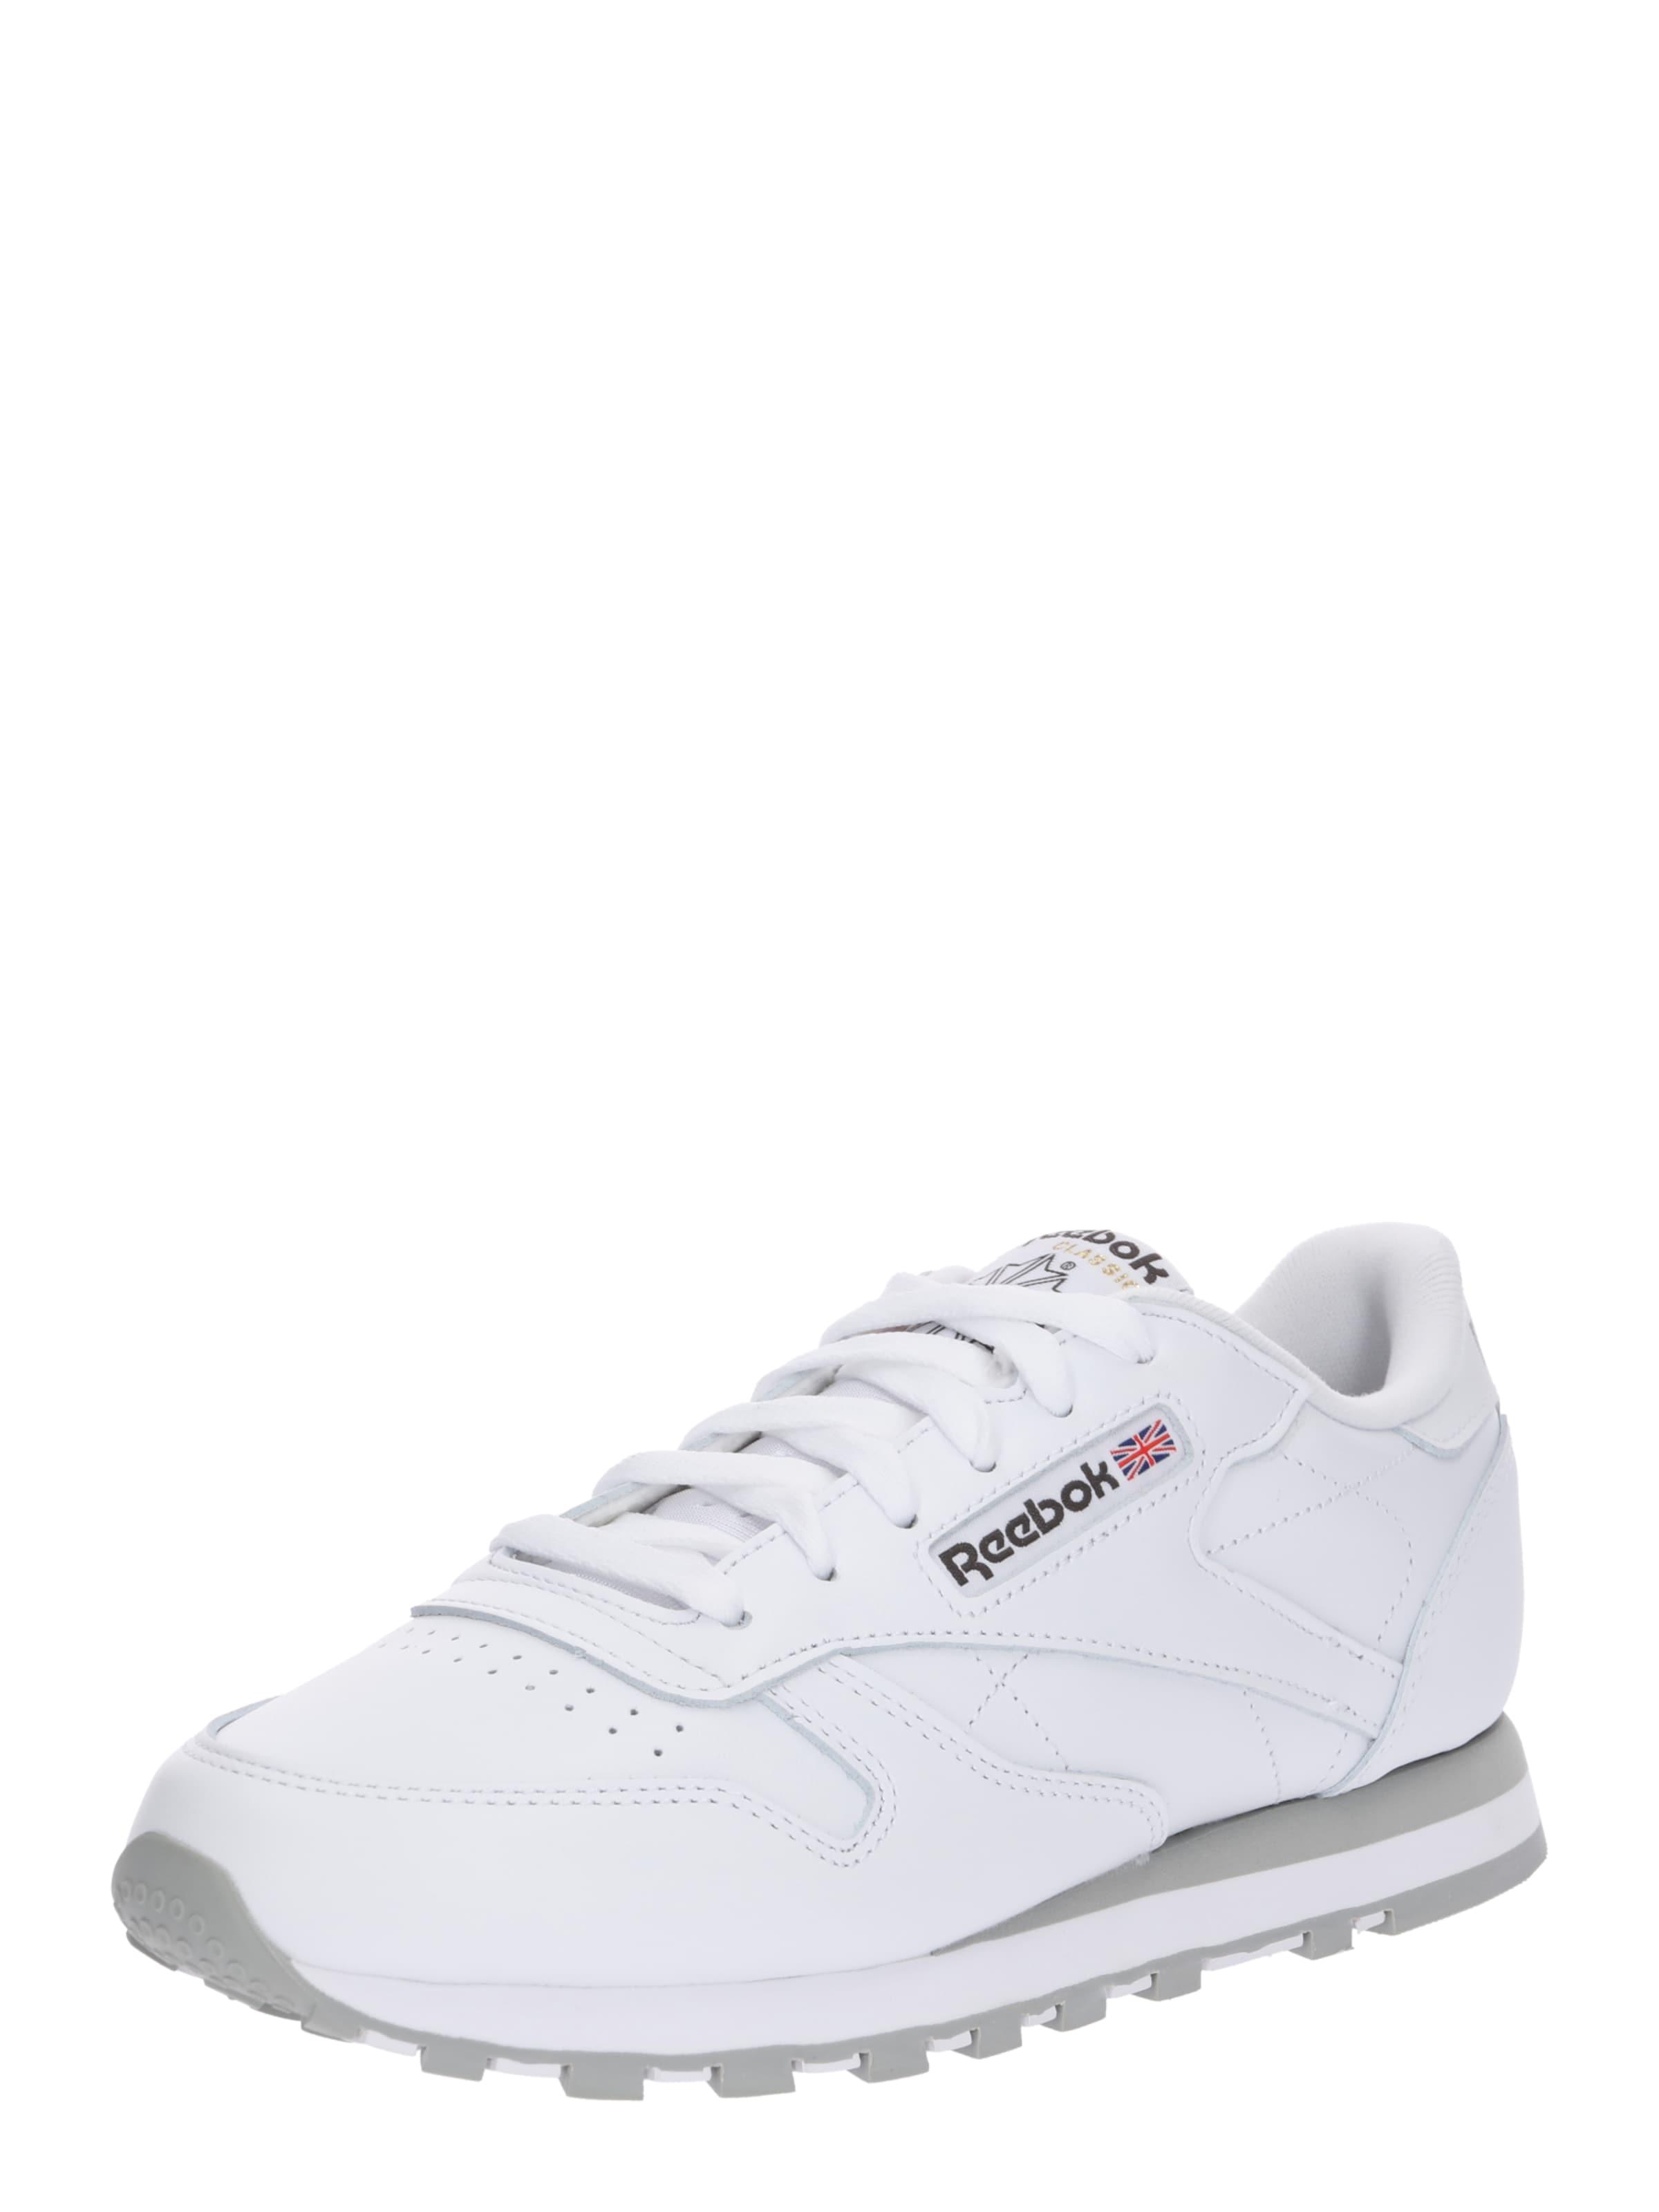 Reebok In Lthr' Sneaker 'cl HellgrauWeiß Classic thCsQxrd